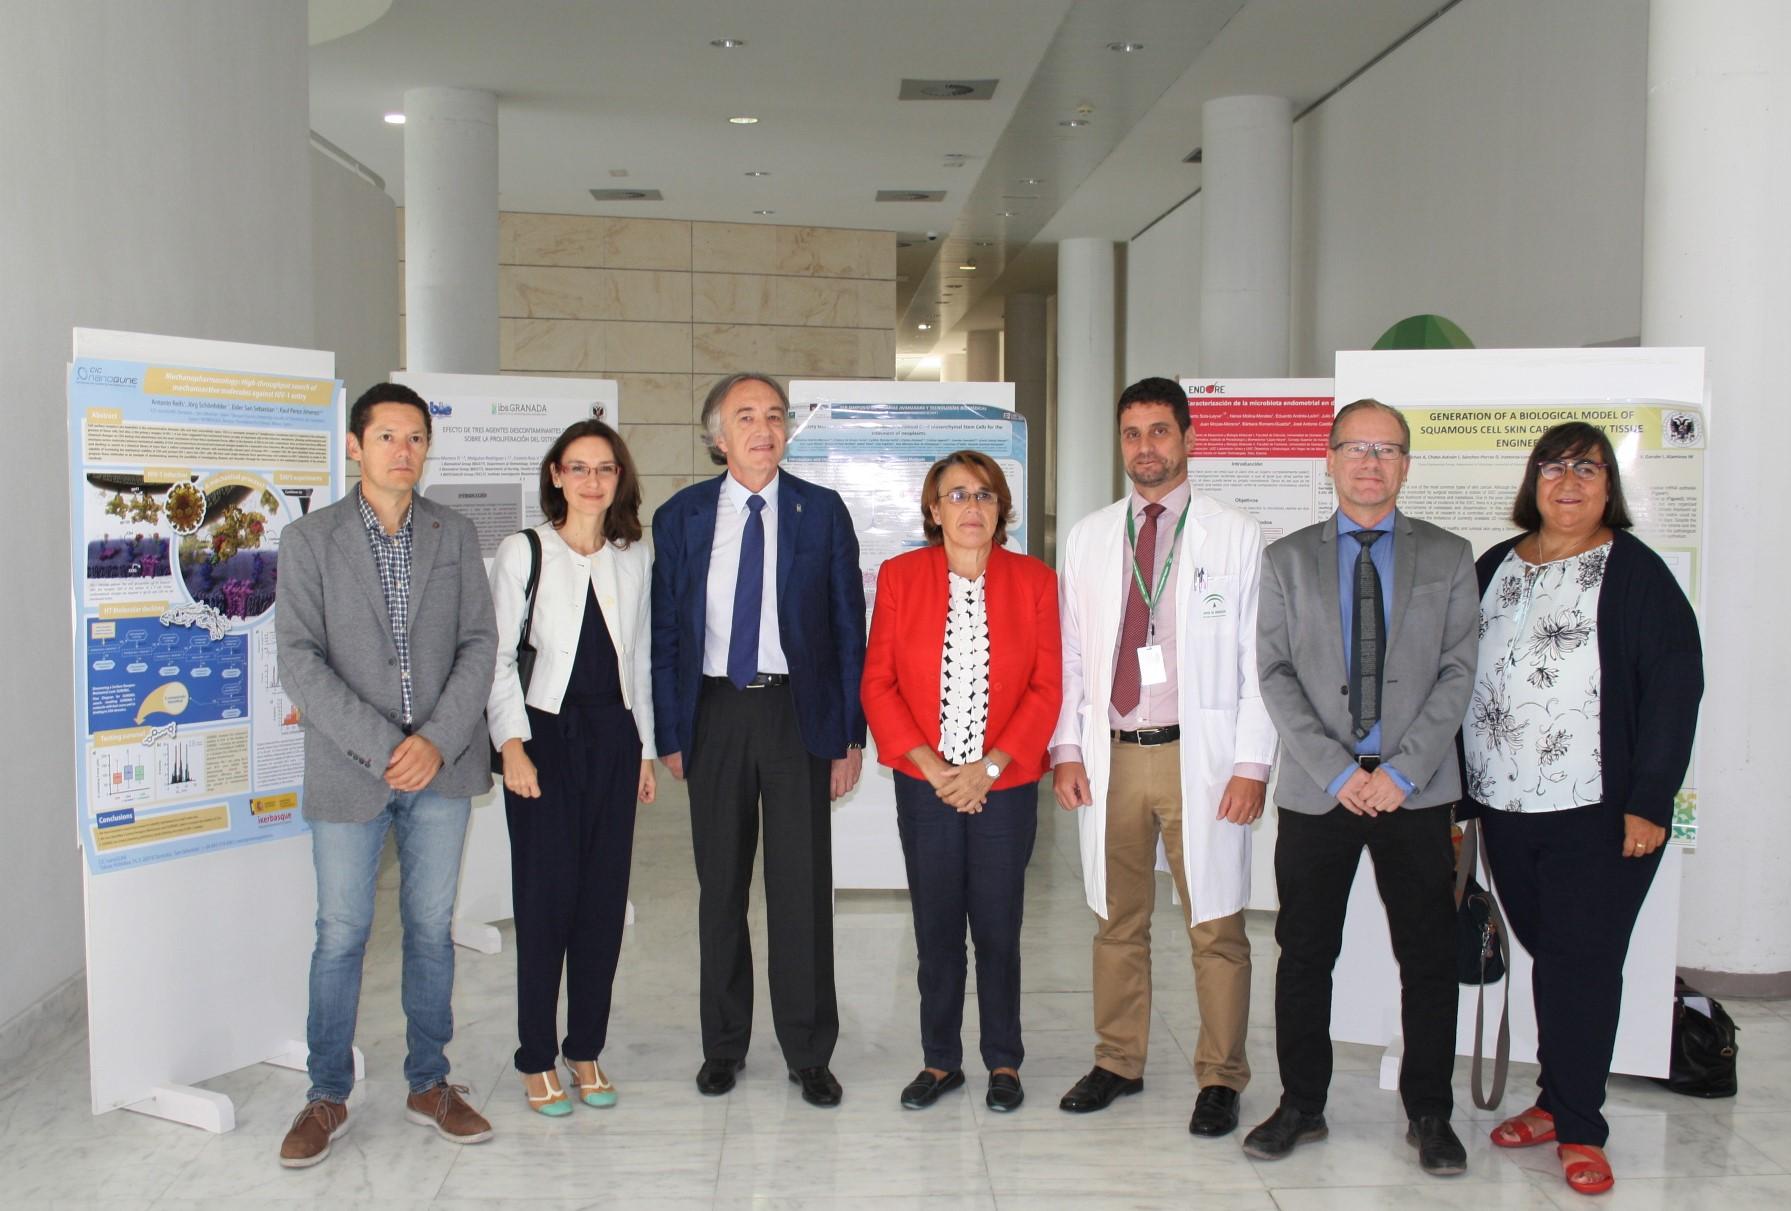 El ibs.GRANADA celebra de forma exitosa el I Simposio sobre avances en terapias avanzadas y teconologías biosanitarias